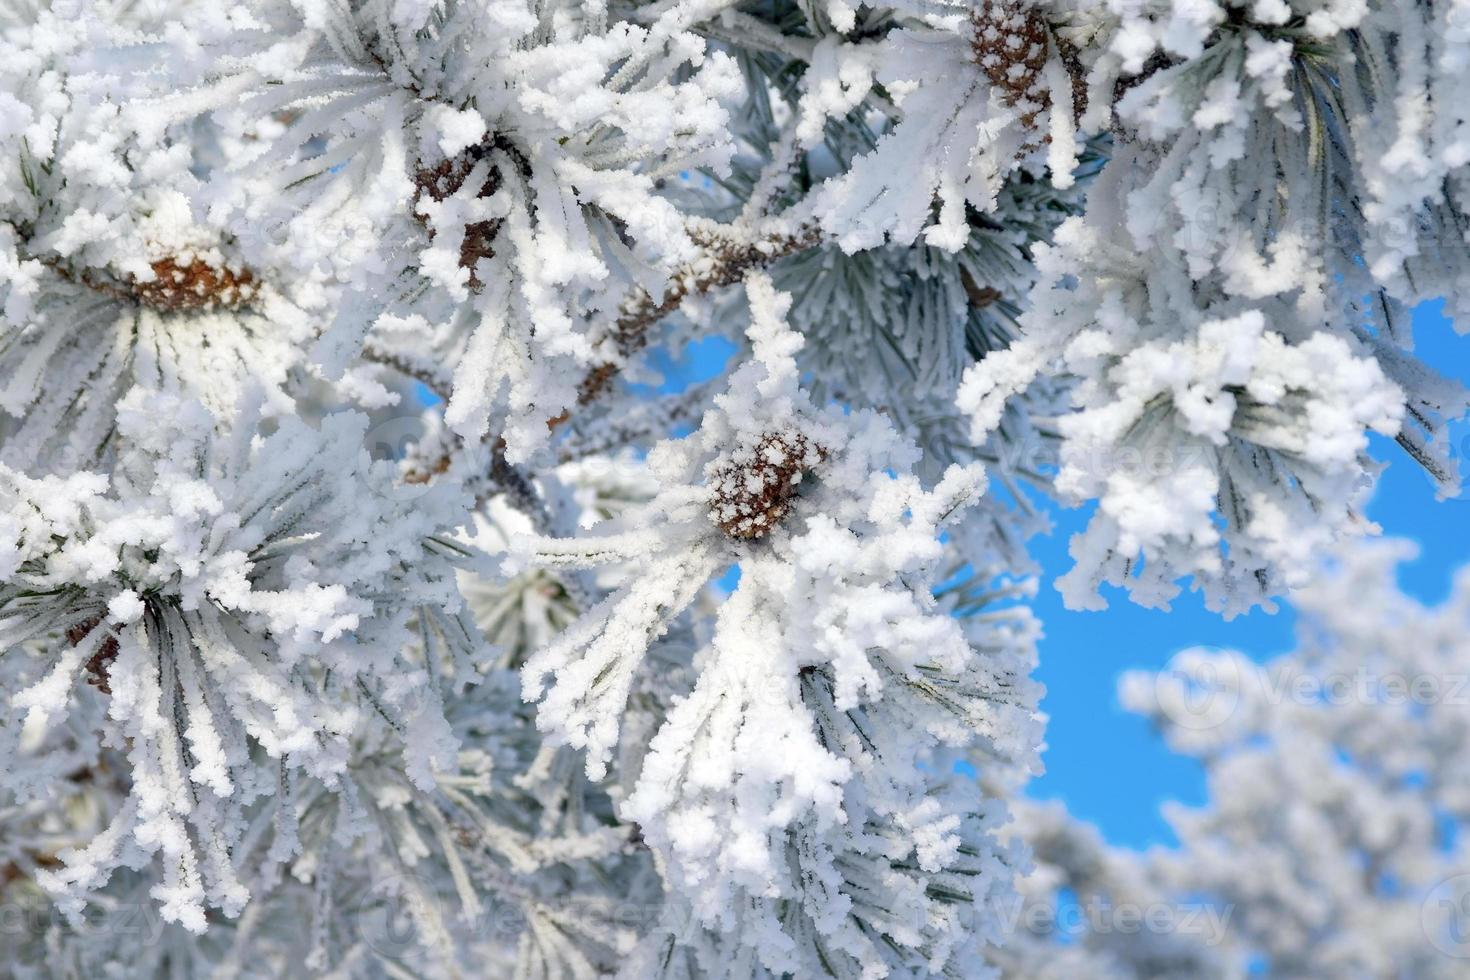 ramitas de pino cubiertas de nieve foto